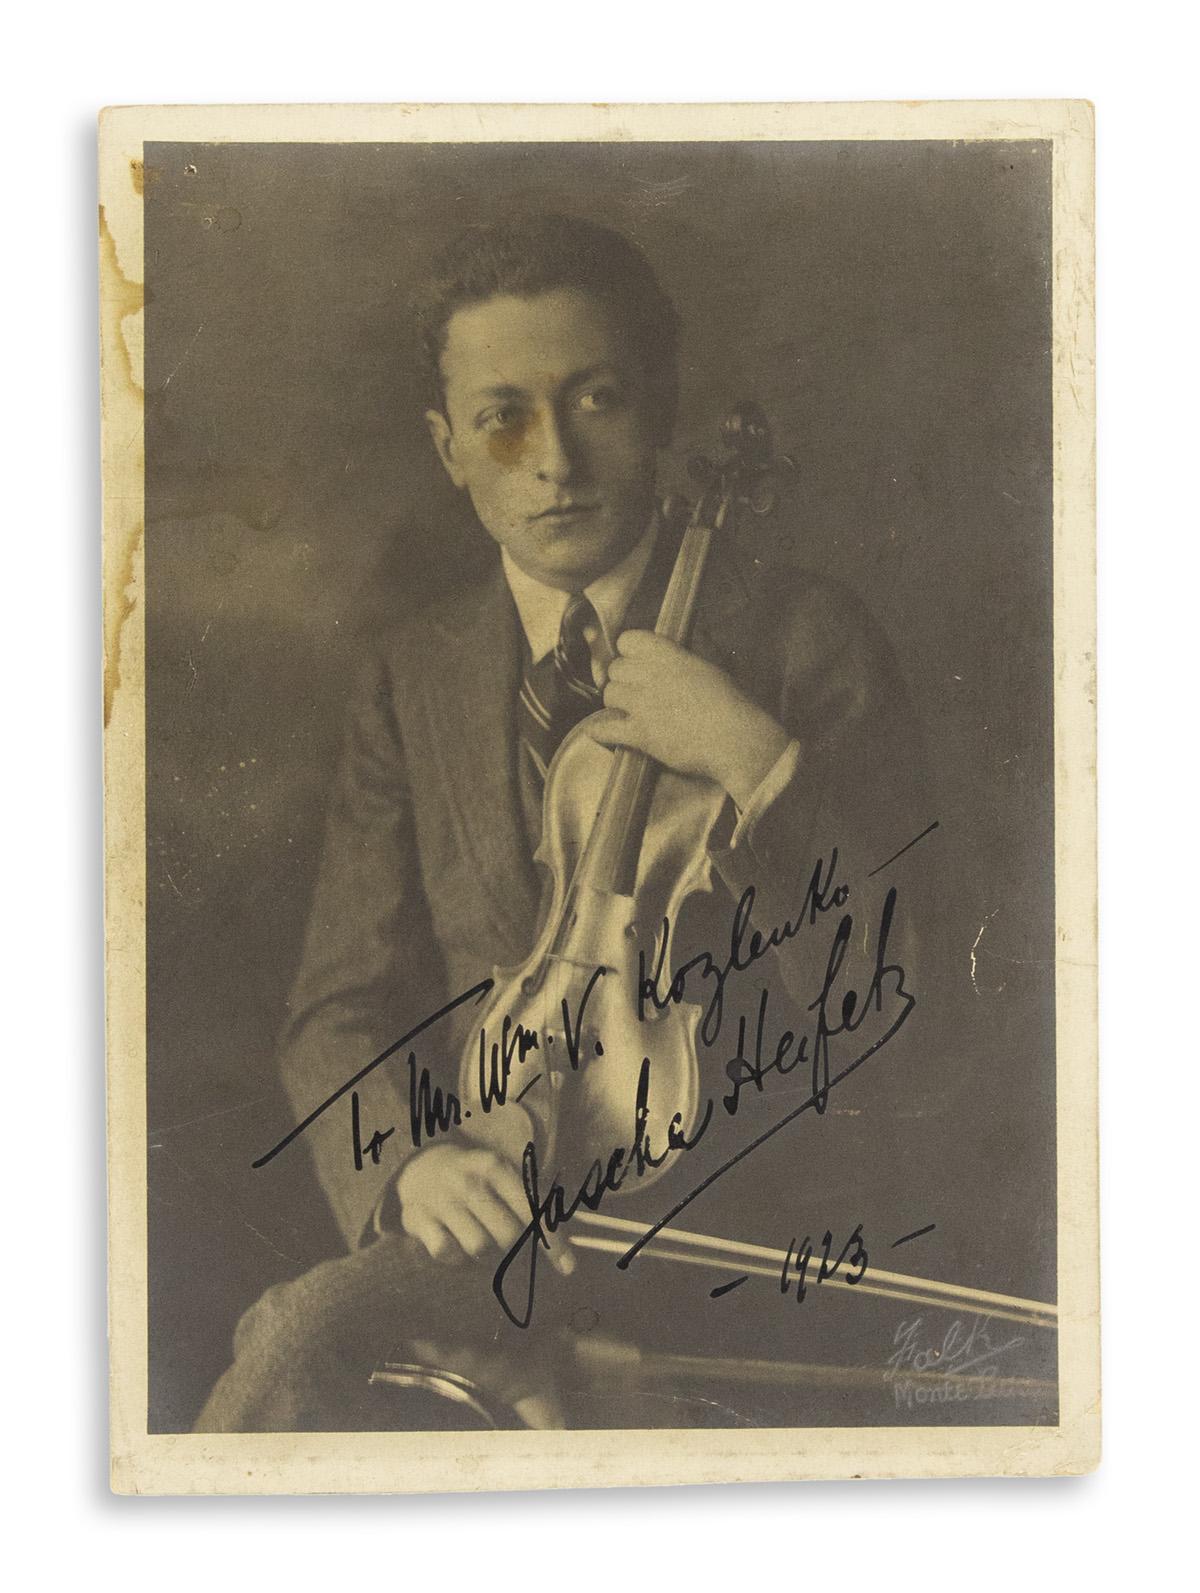 HEIFETZ-JASCHA-Photograph-Signed-and-Inscribed-To-Mr-Wm-V-Ko